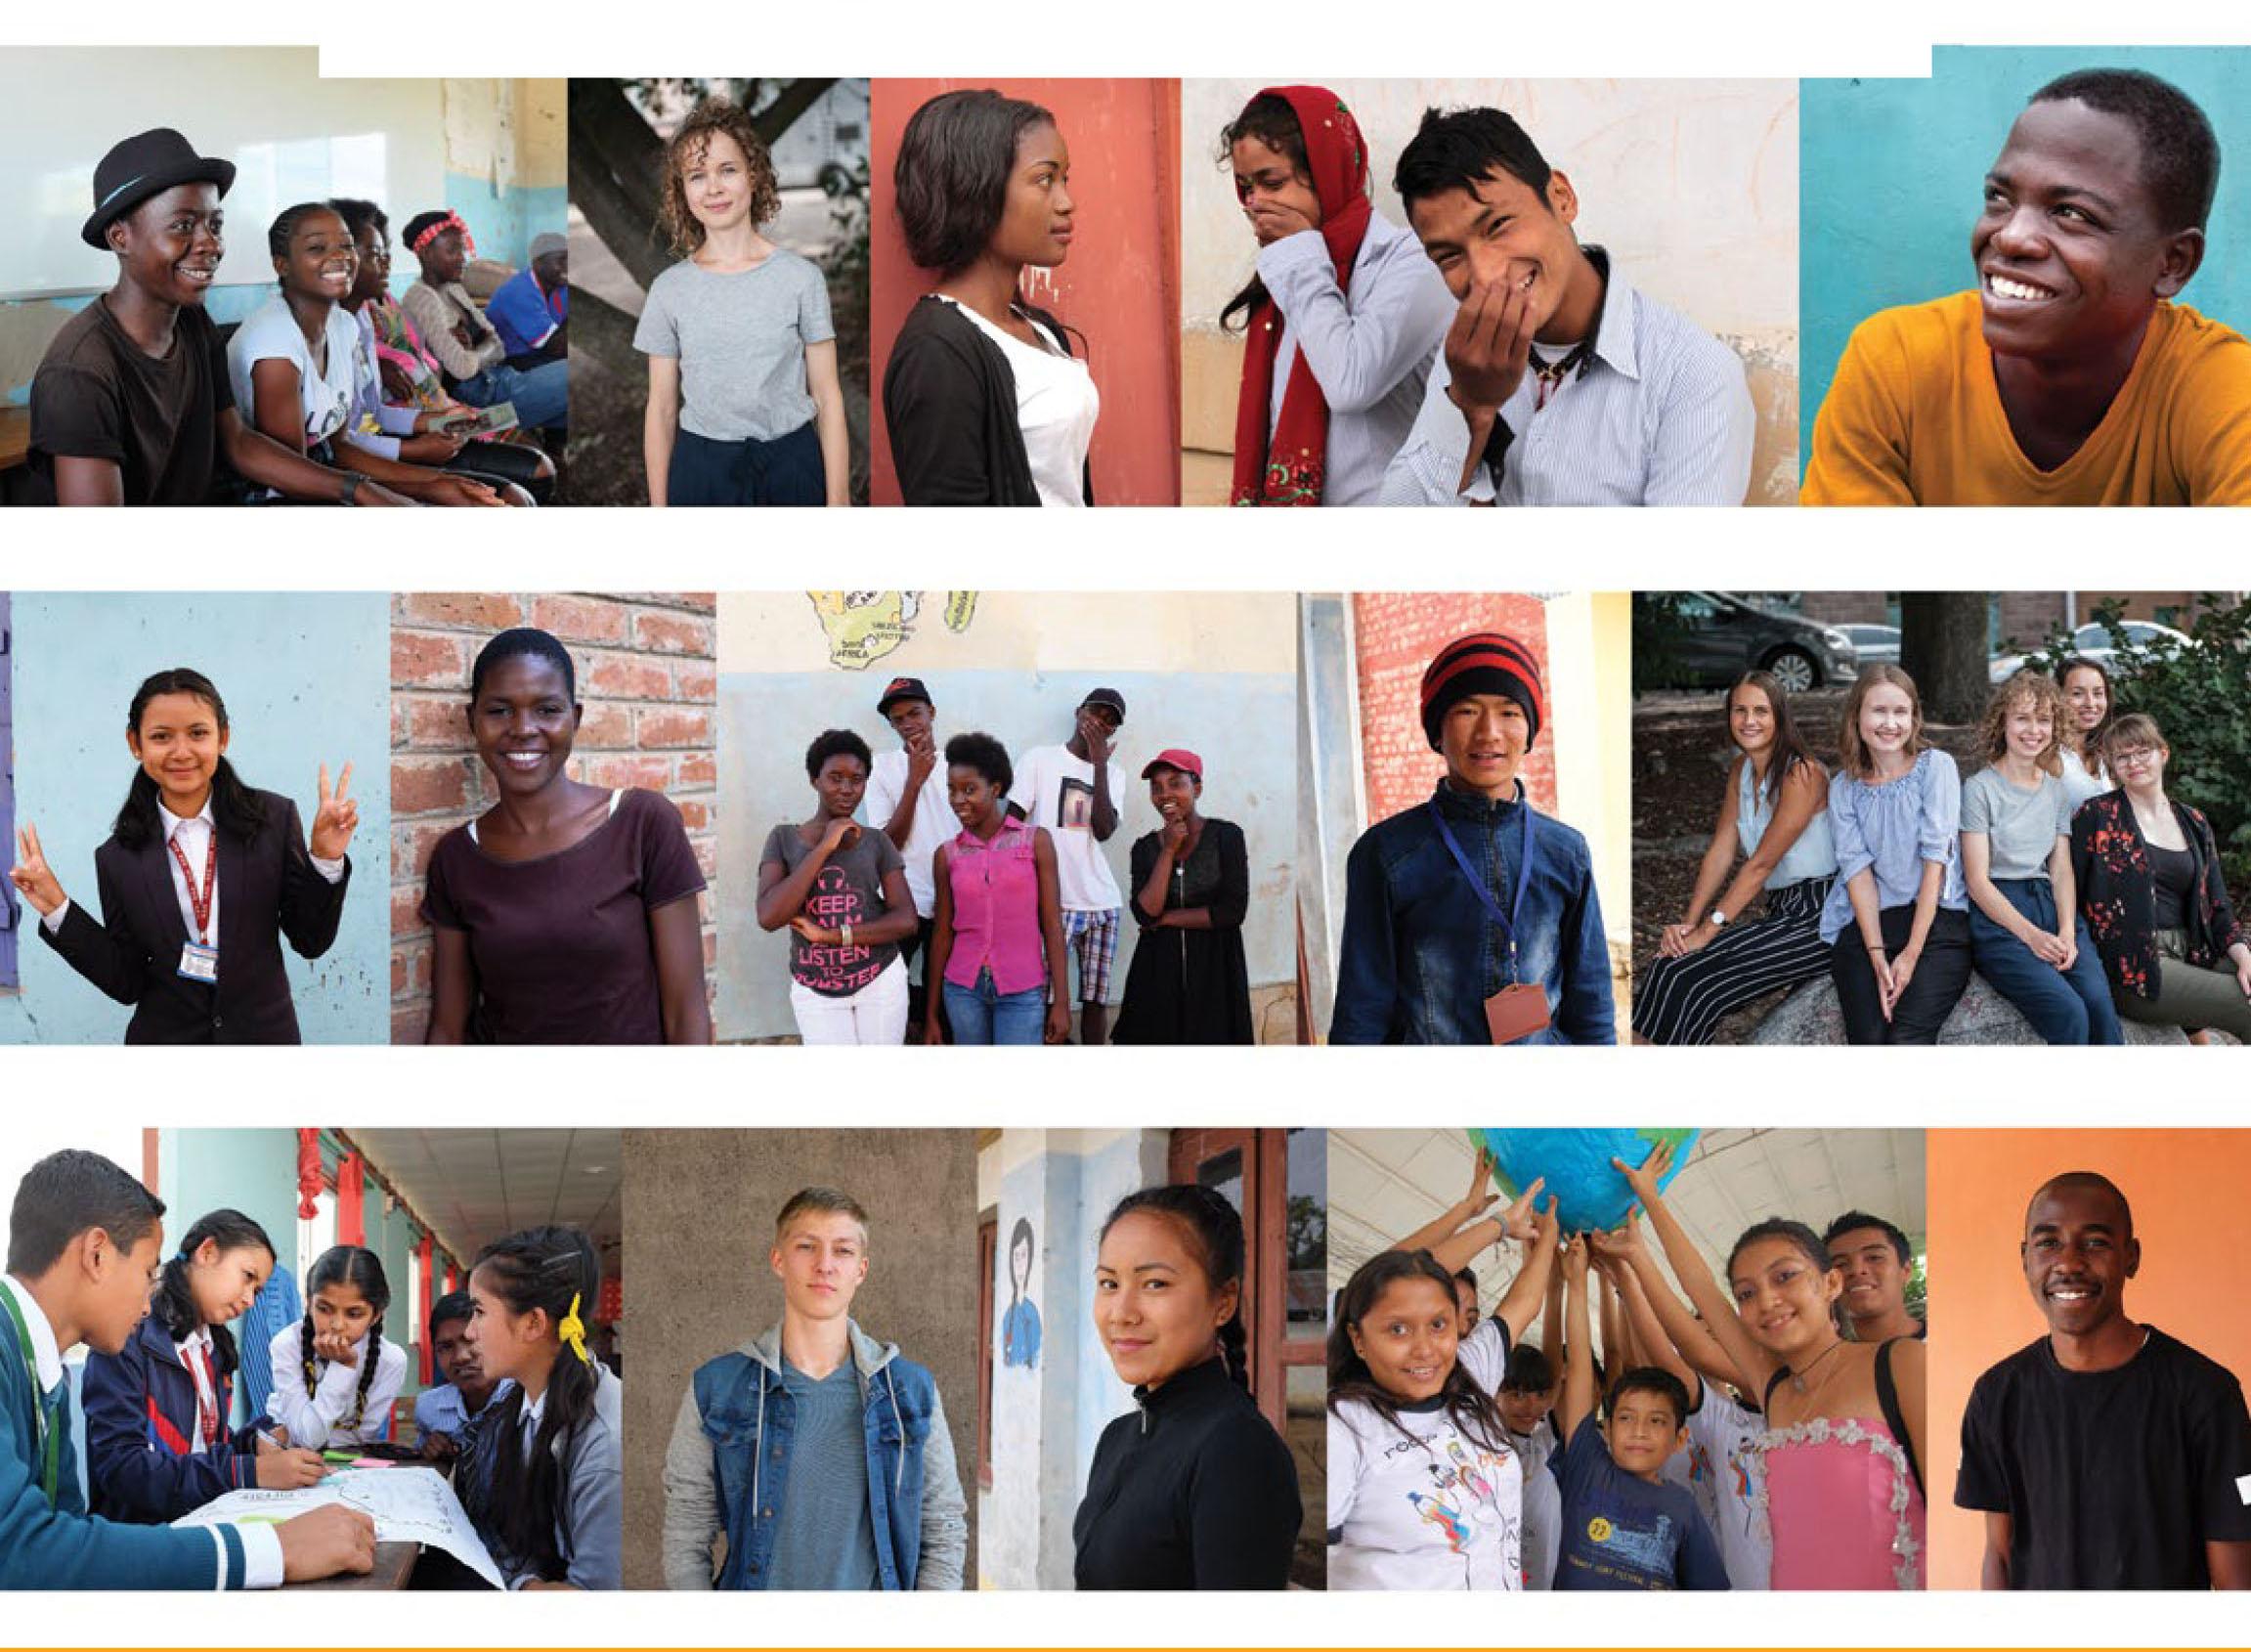 Nuoria eri puolilta maailmaa Maailman äänet oppaan kansikuvassa